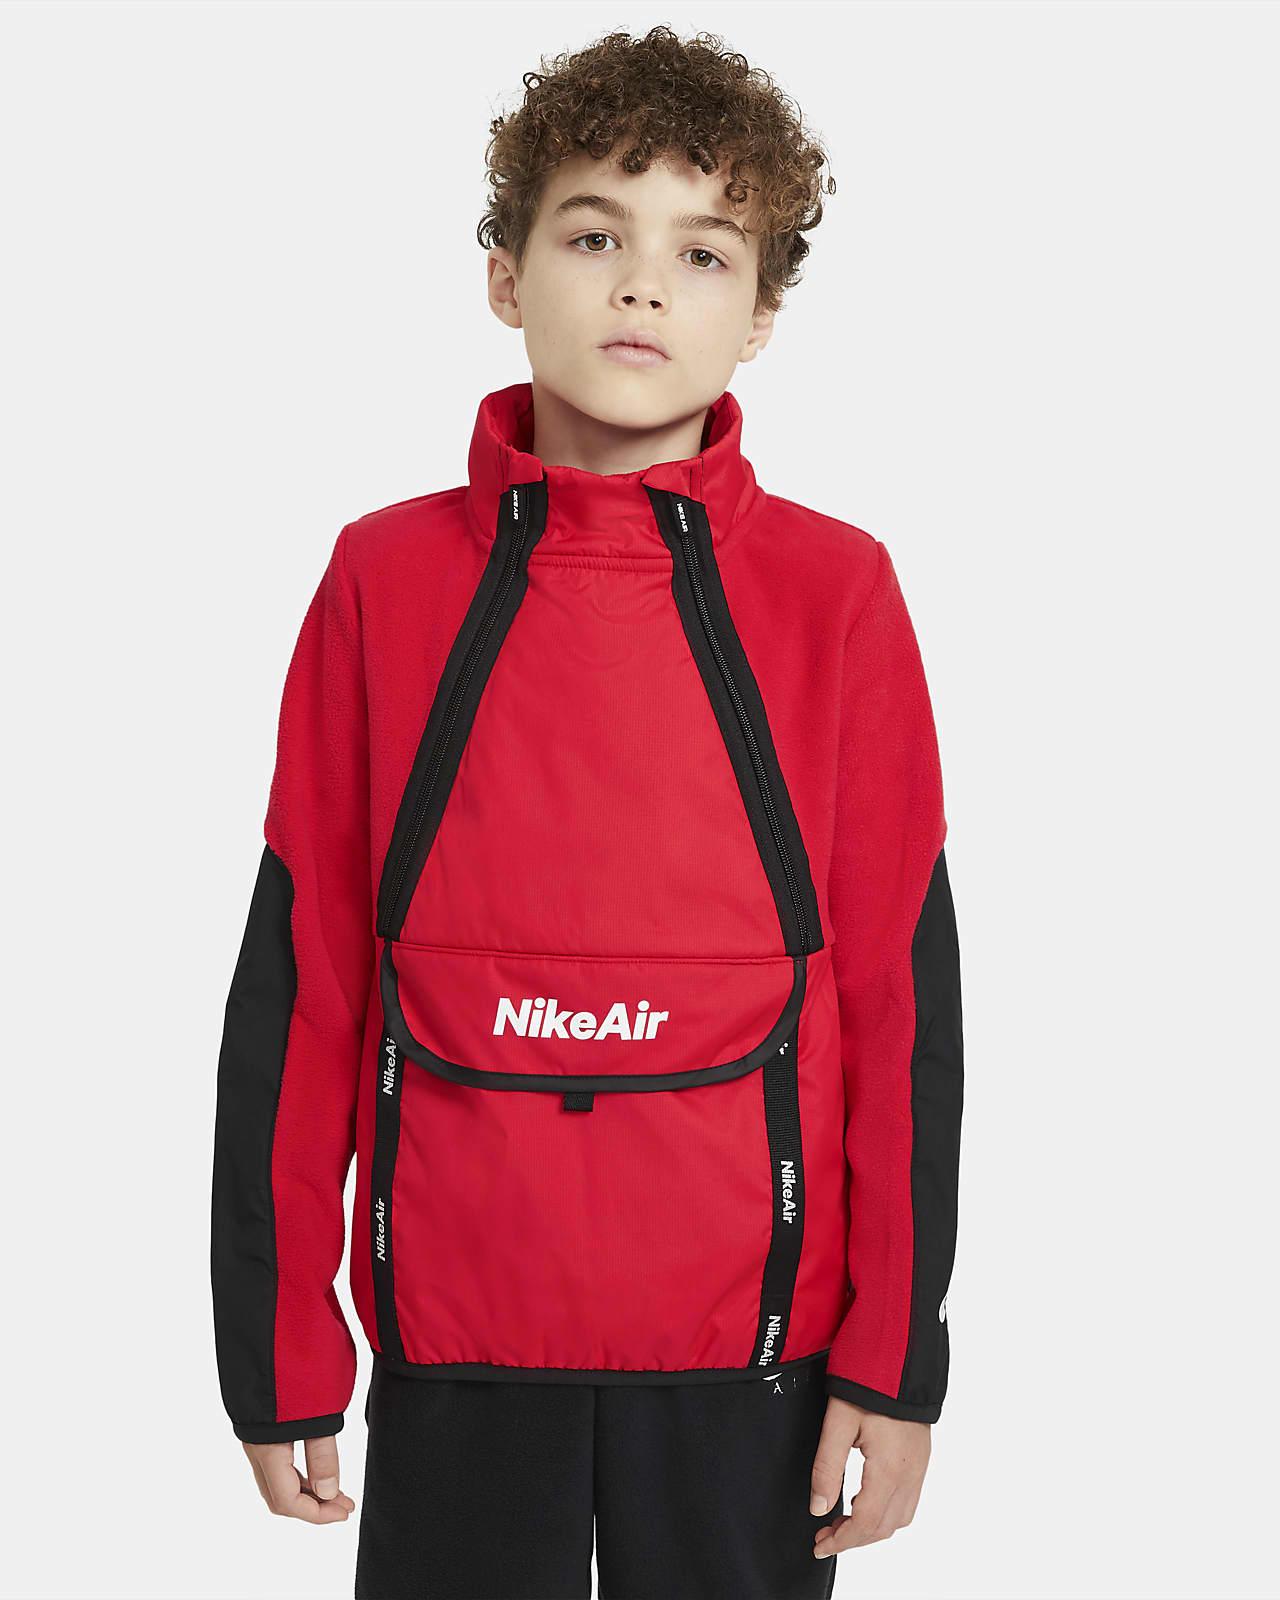 Nike Air Parte de arriba de invierno - Niño